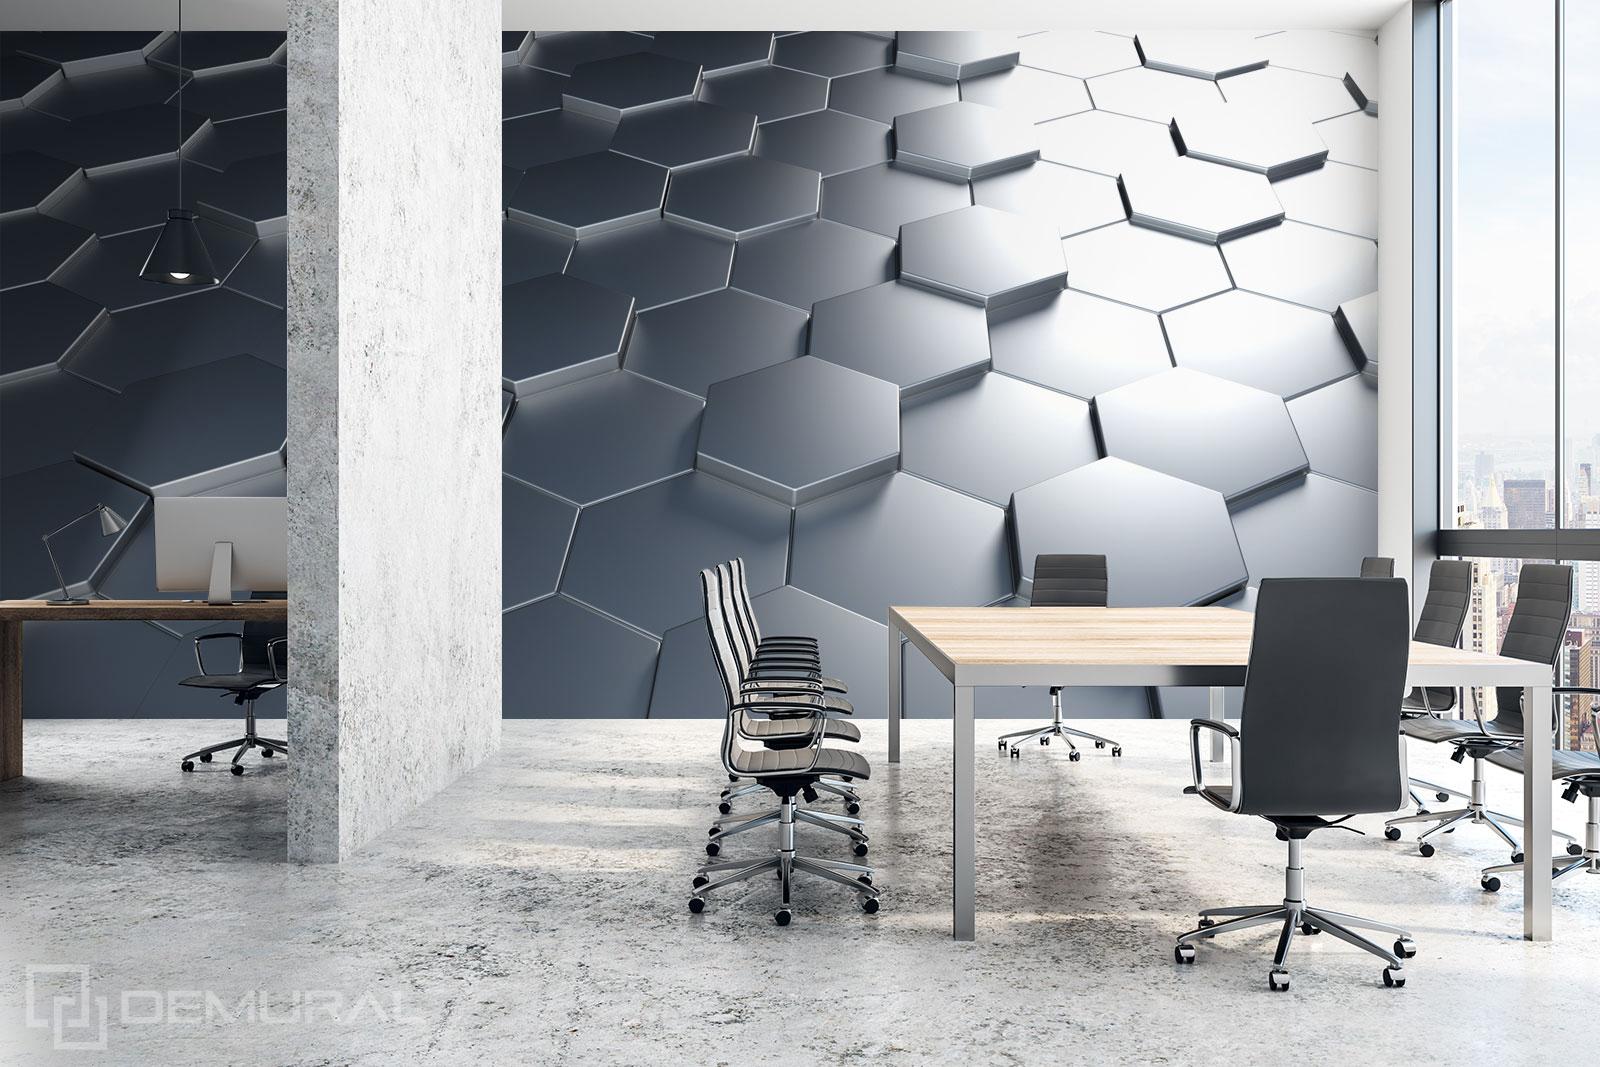 Papier peint Hexagones 3D - Papier peint 3D - Demural